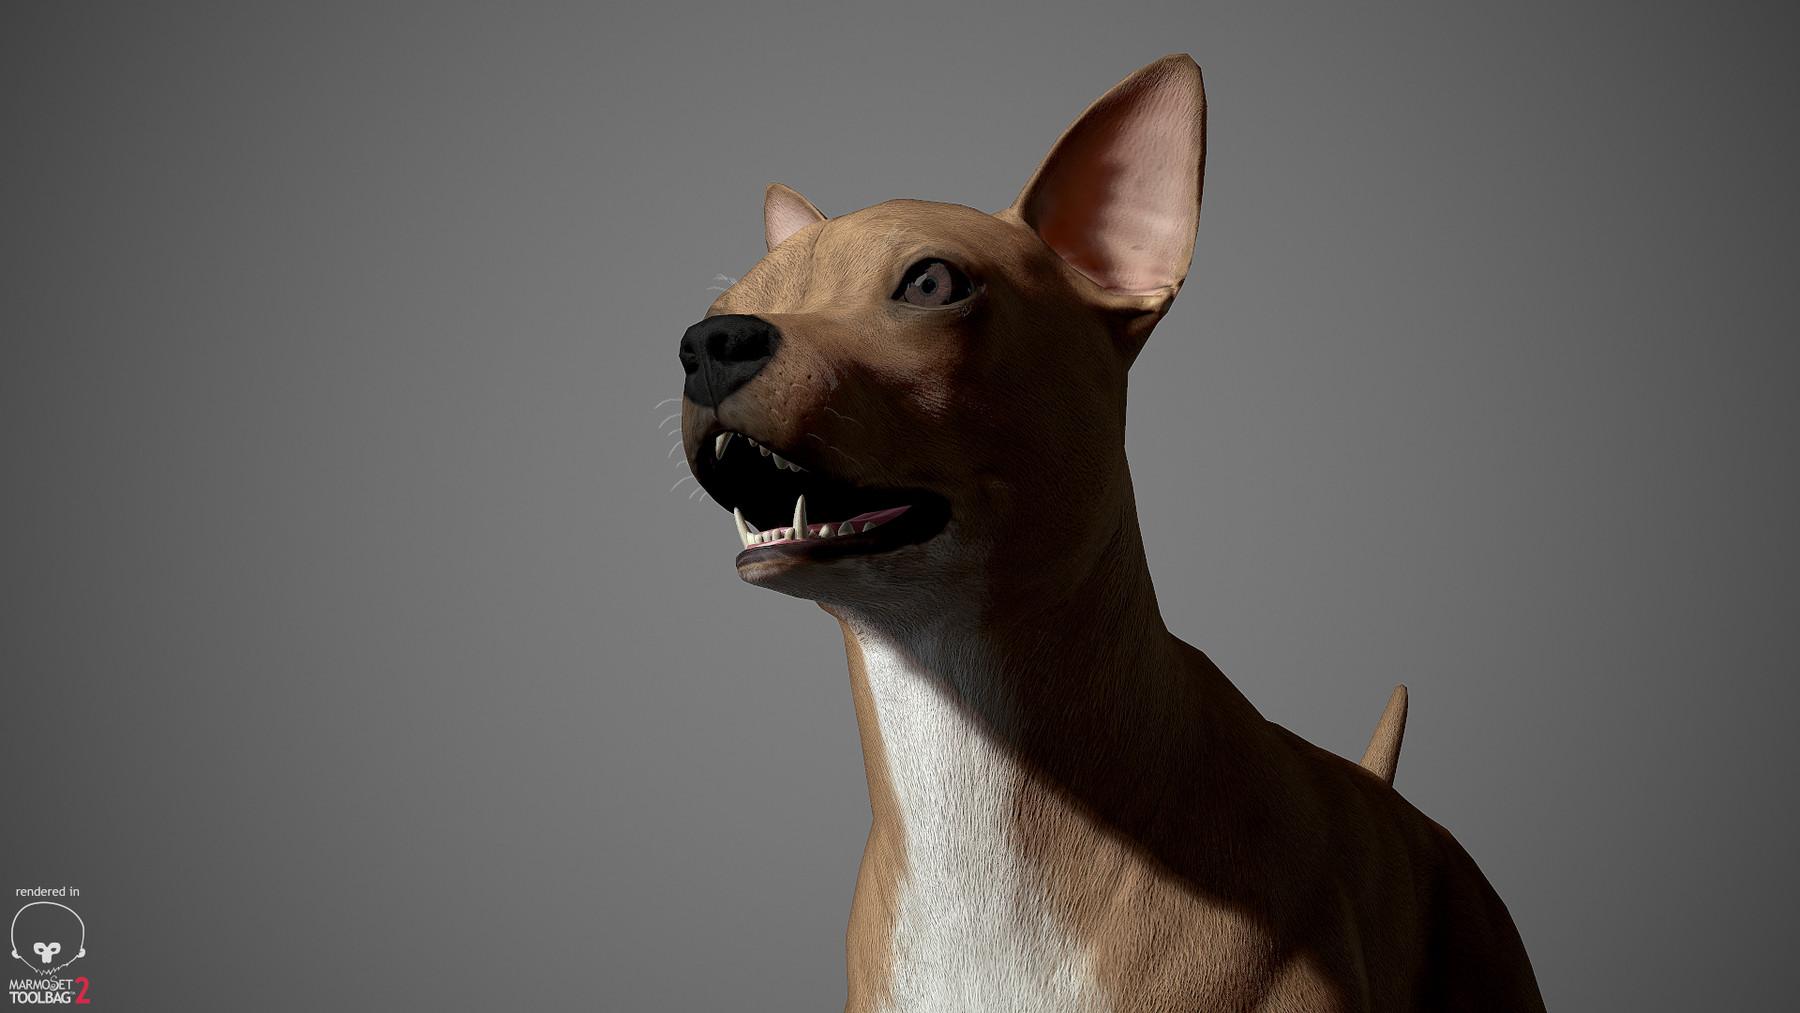 Chihuahua by alexlashko marmoset 18